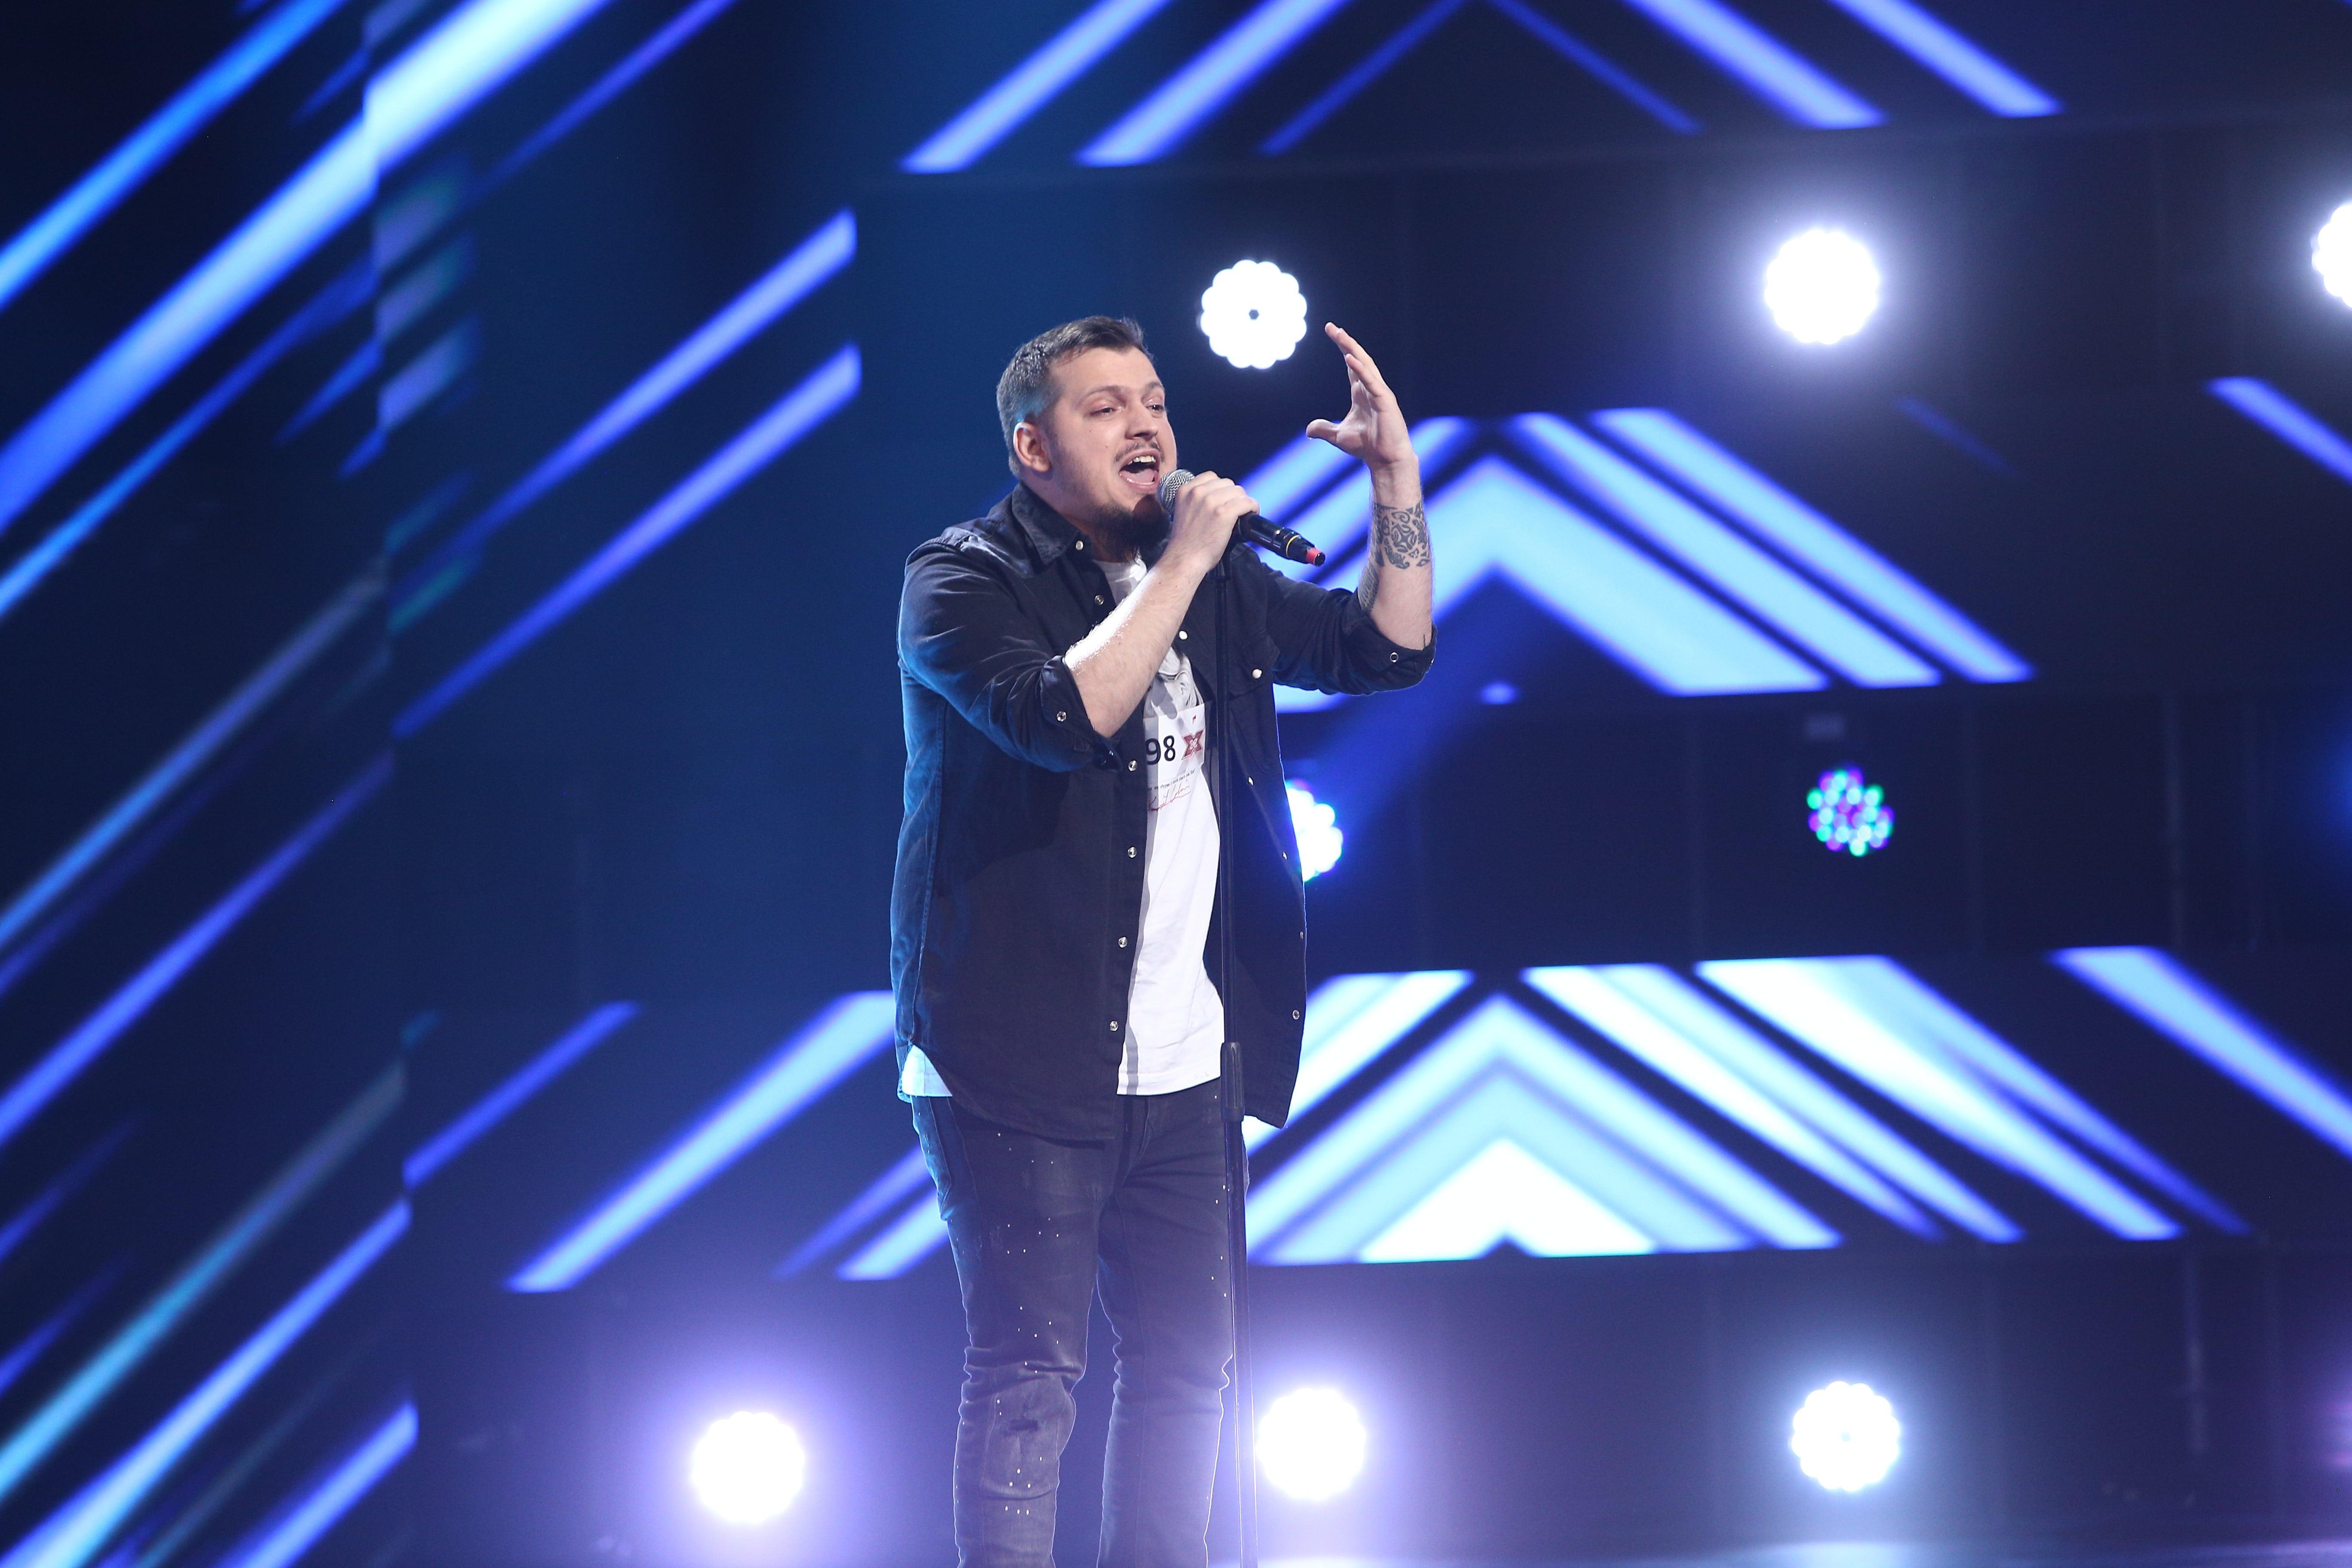 """X Factor 2021, 13 septembrie. Răzvan Sterian a urcat pentru prima dată pe scenă și a cântat """"Moment of Silence"""", de Ovidiu Anton"""